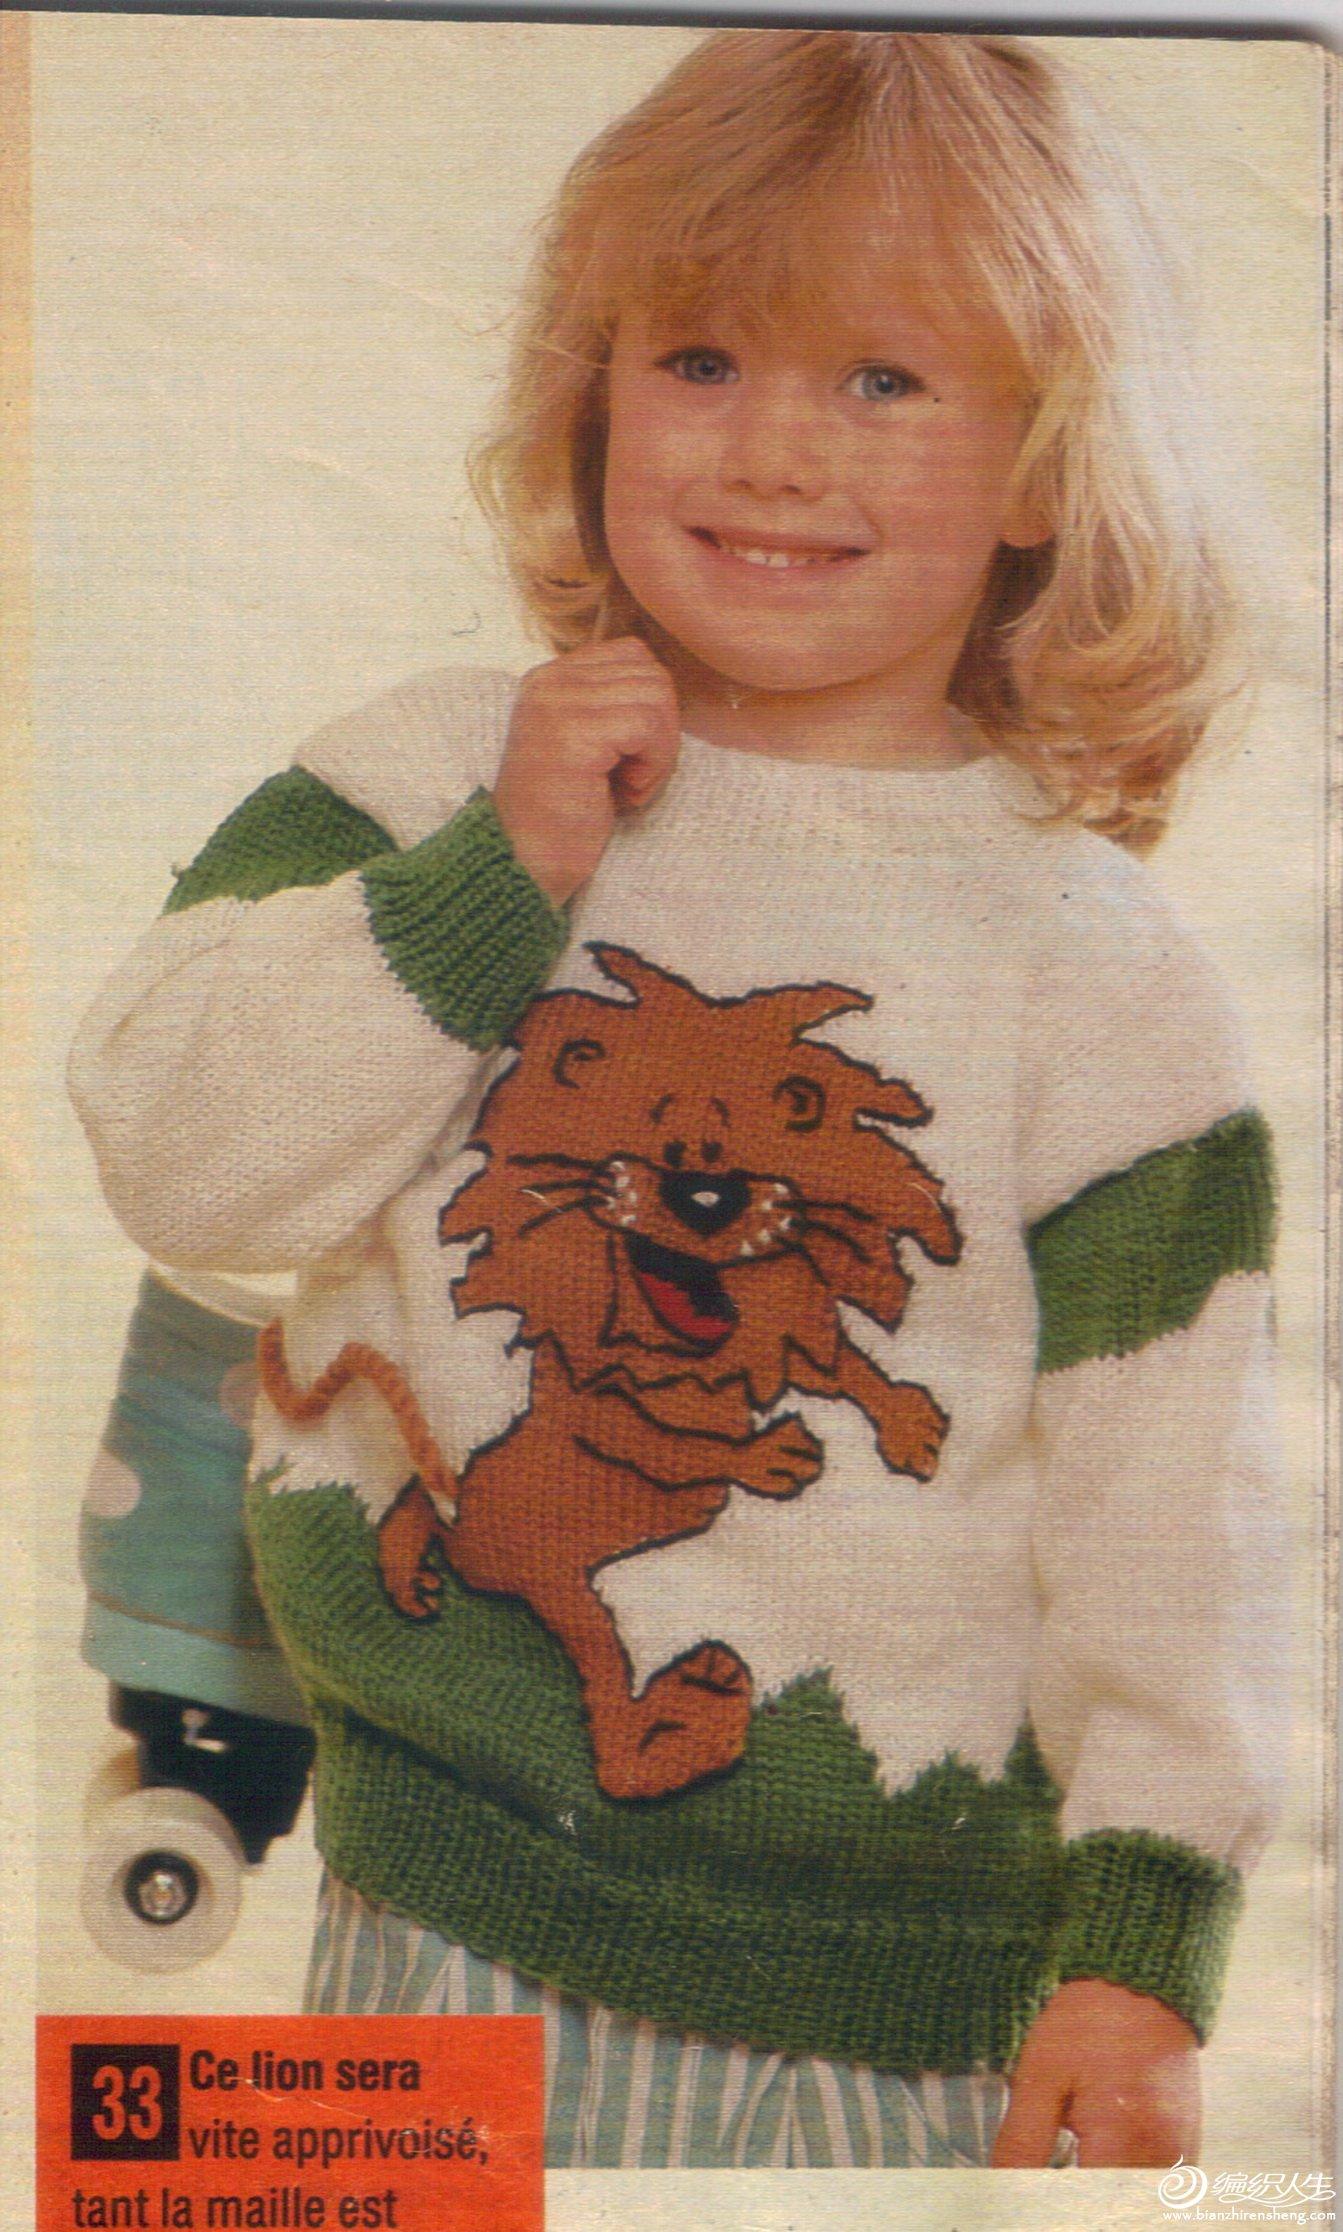 将凶猛的动物设计的可亲可爱,这款狮子图案的毛衣深得小朋友们的喜爱